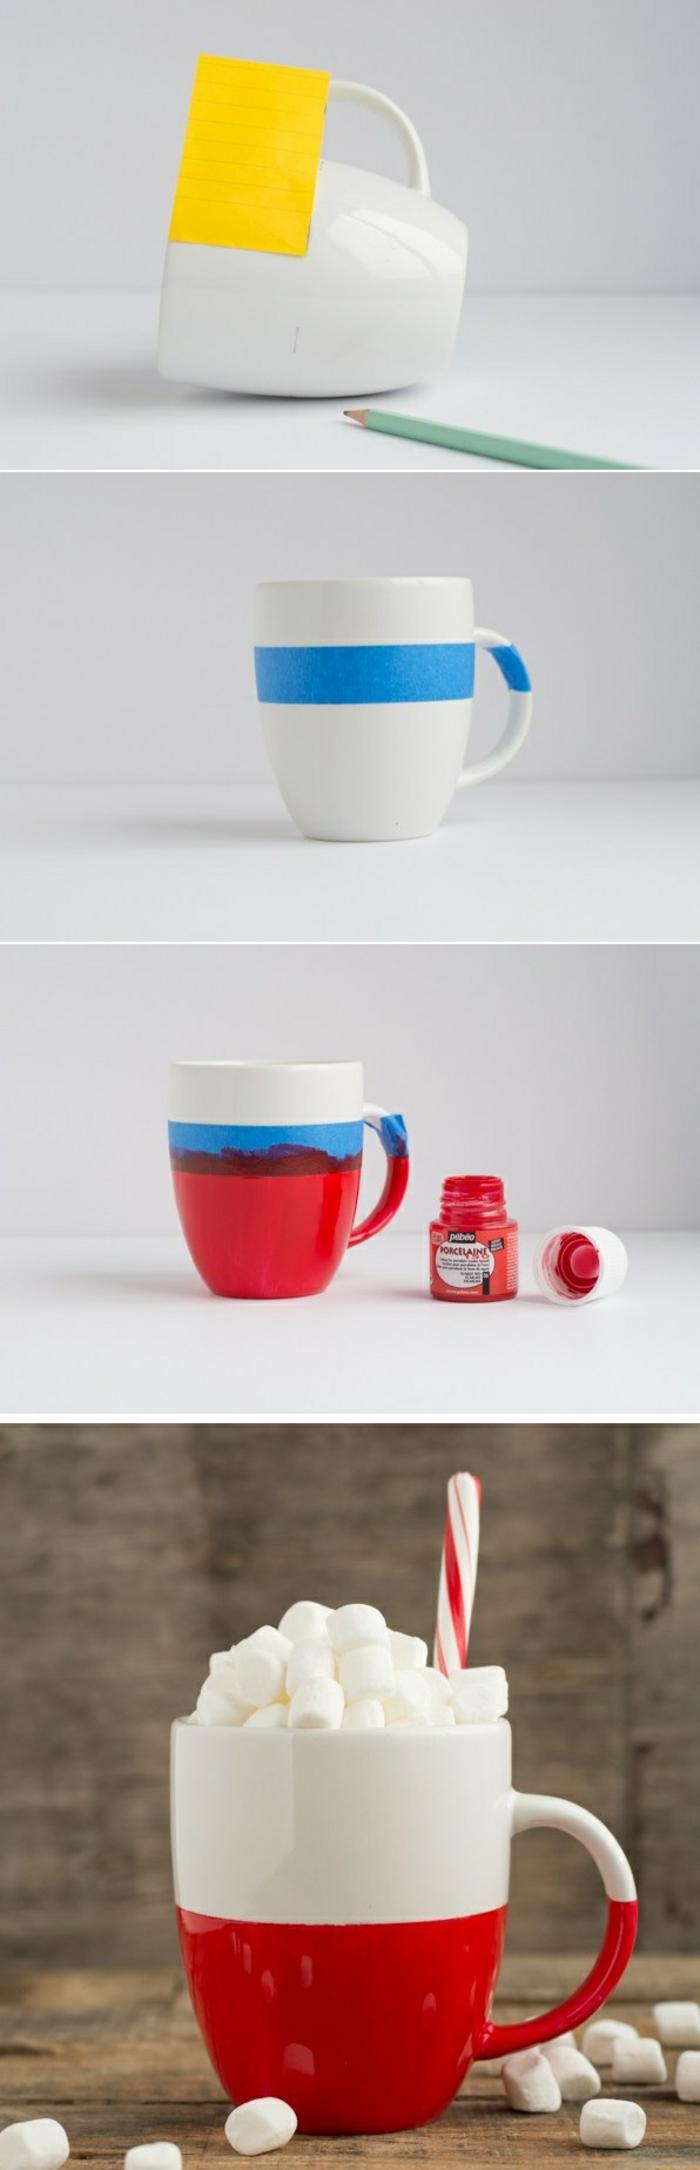 tazas decoradas en rojo y azul, ideas de decoración casera original, manualidades para niños faciles y rapidos para hacer en casa